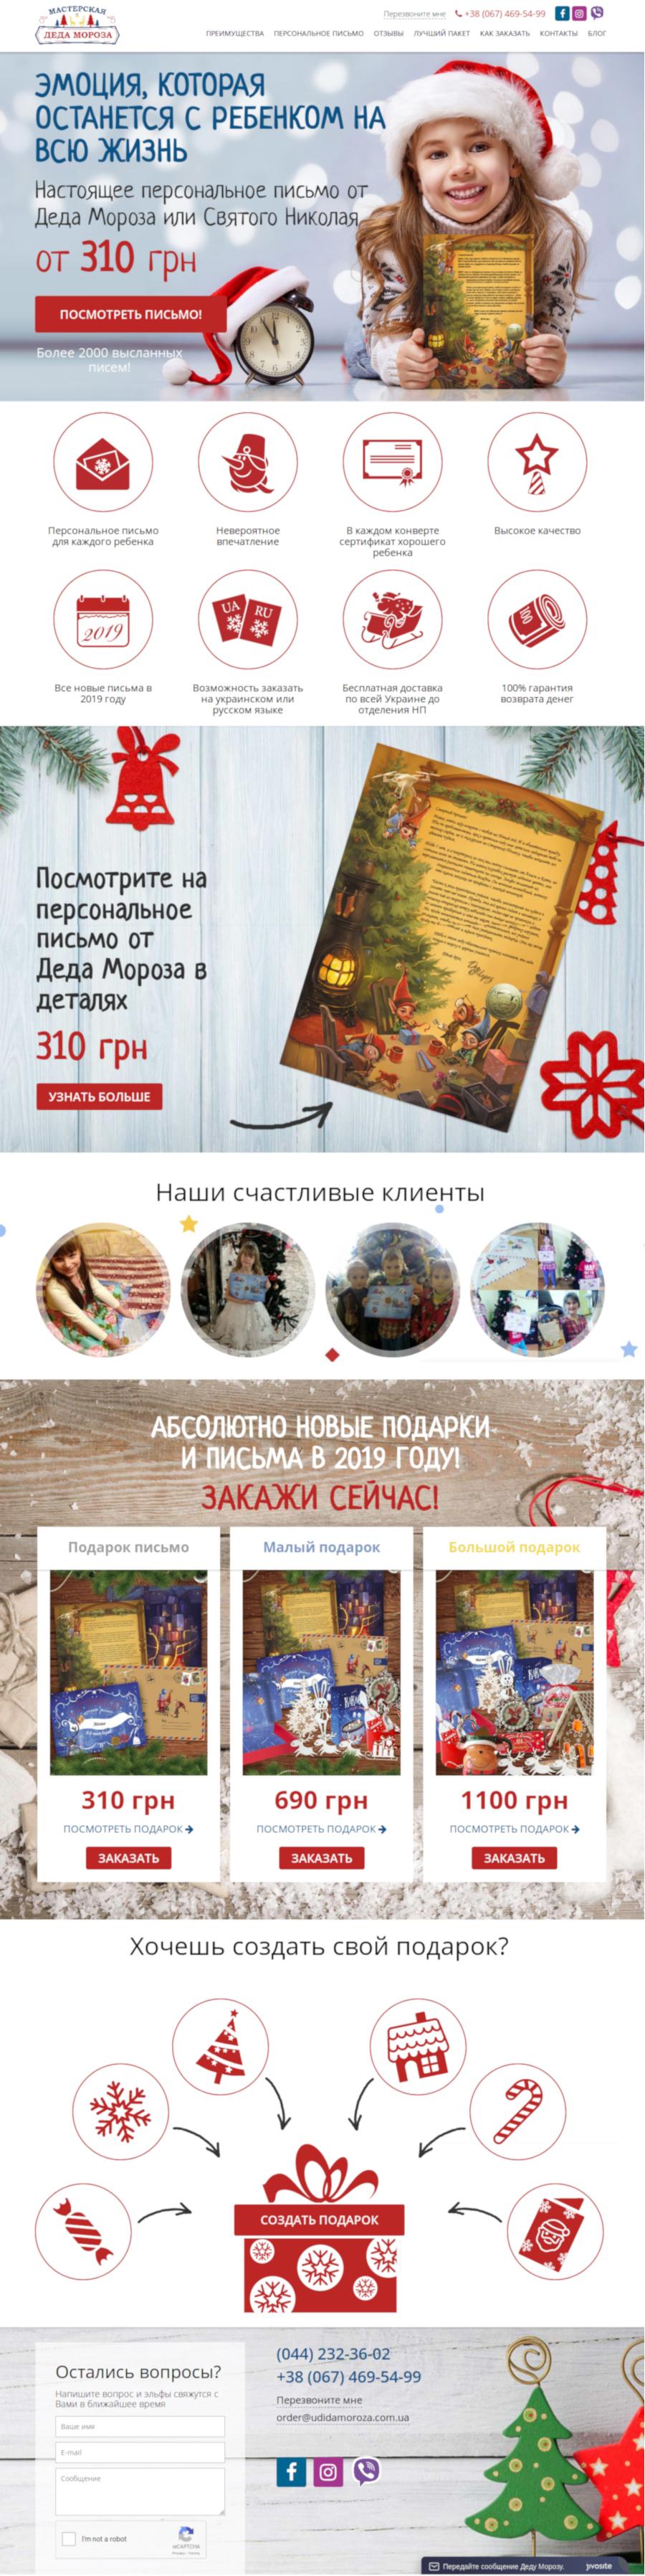 Інтернет магазин новорічних подарунків